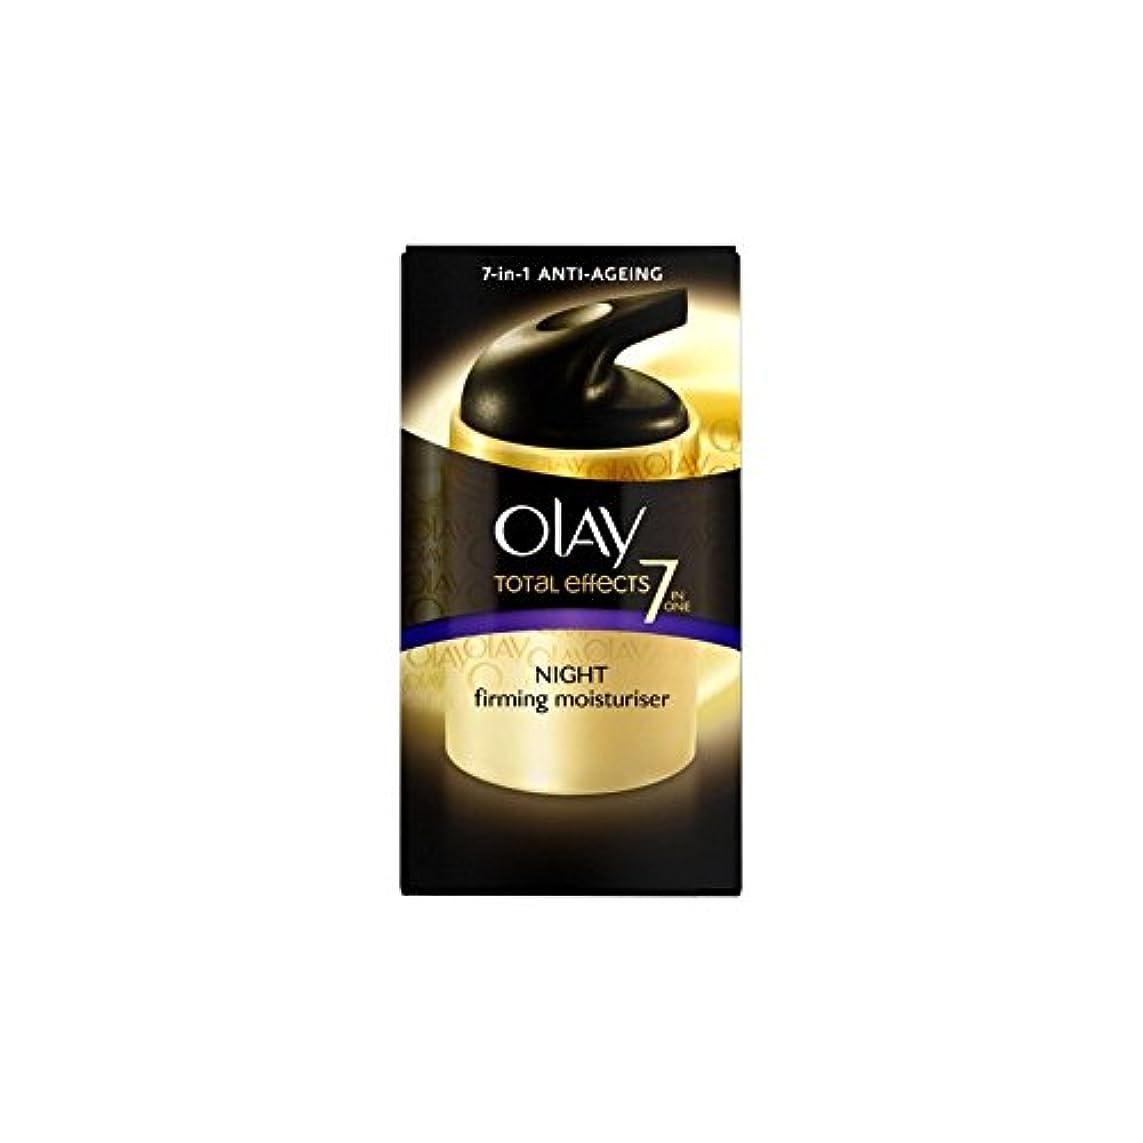 常習的差別化する前者オーレイトータルエフェクト保湿ナイトクリーム(50ミリリットル) x2 - Olay Total Effects Moisturiser Night Cream (50ml) (Pack of 2) [並行輸入品]